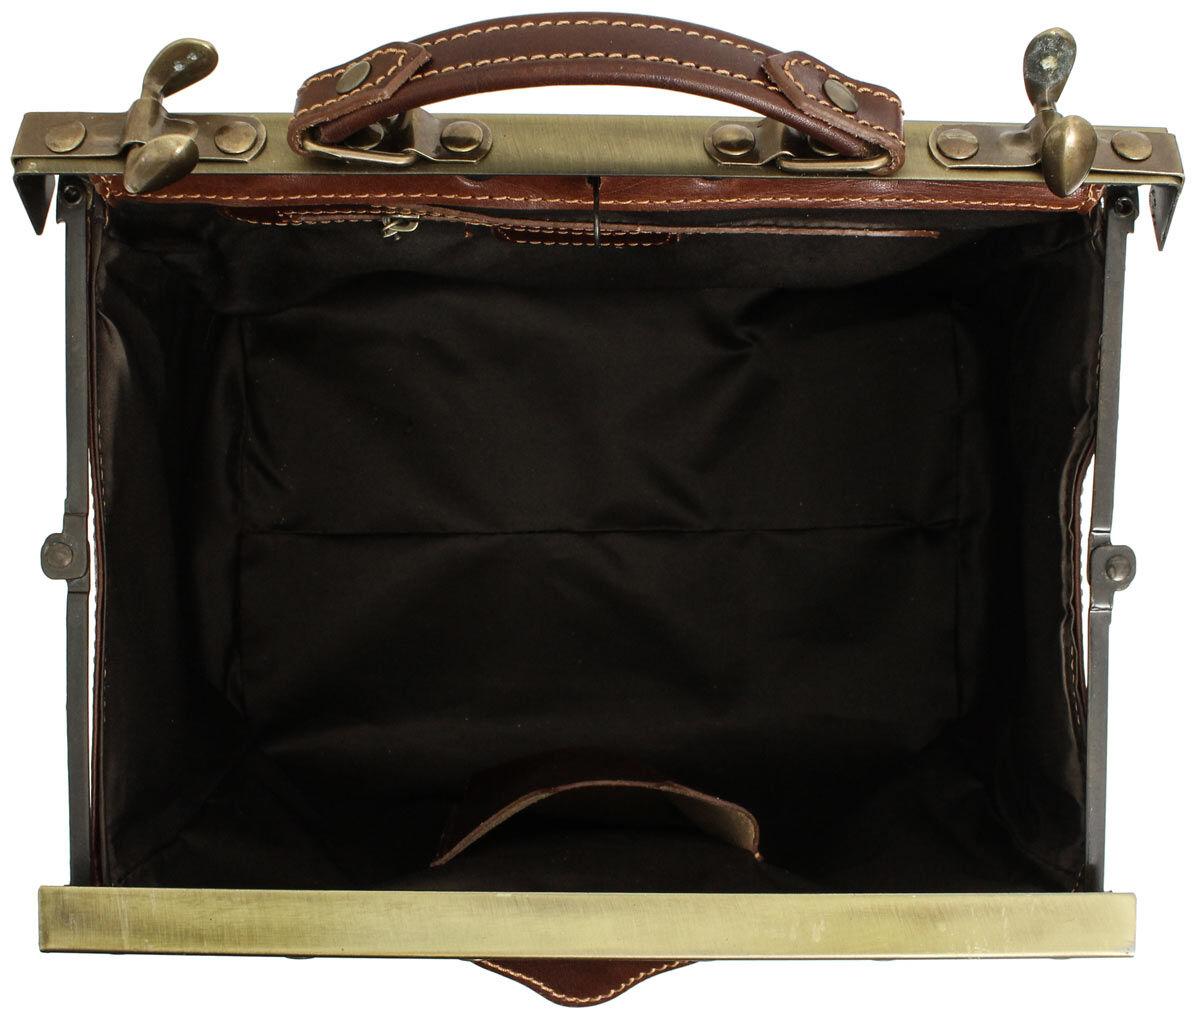 Outlet Handtasche - defekte Nähte - faltiges Leder - ansonsten neu - siehe Video